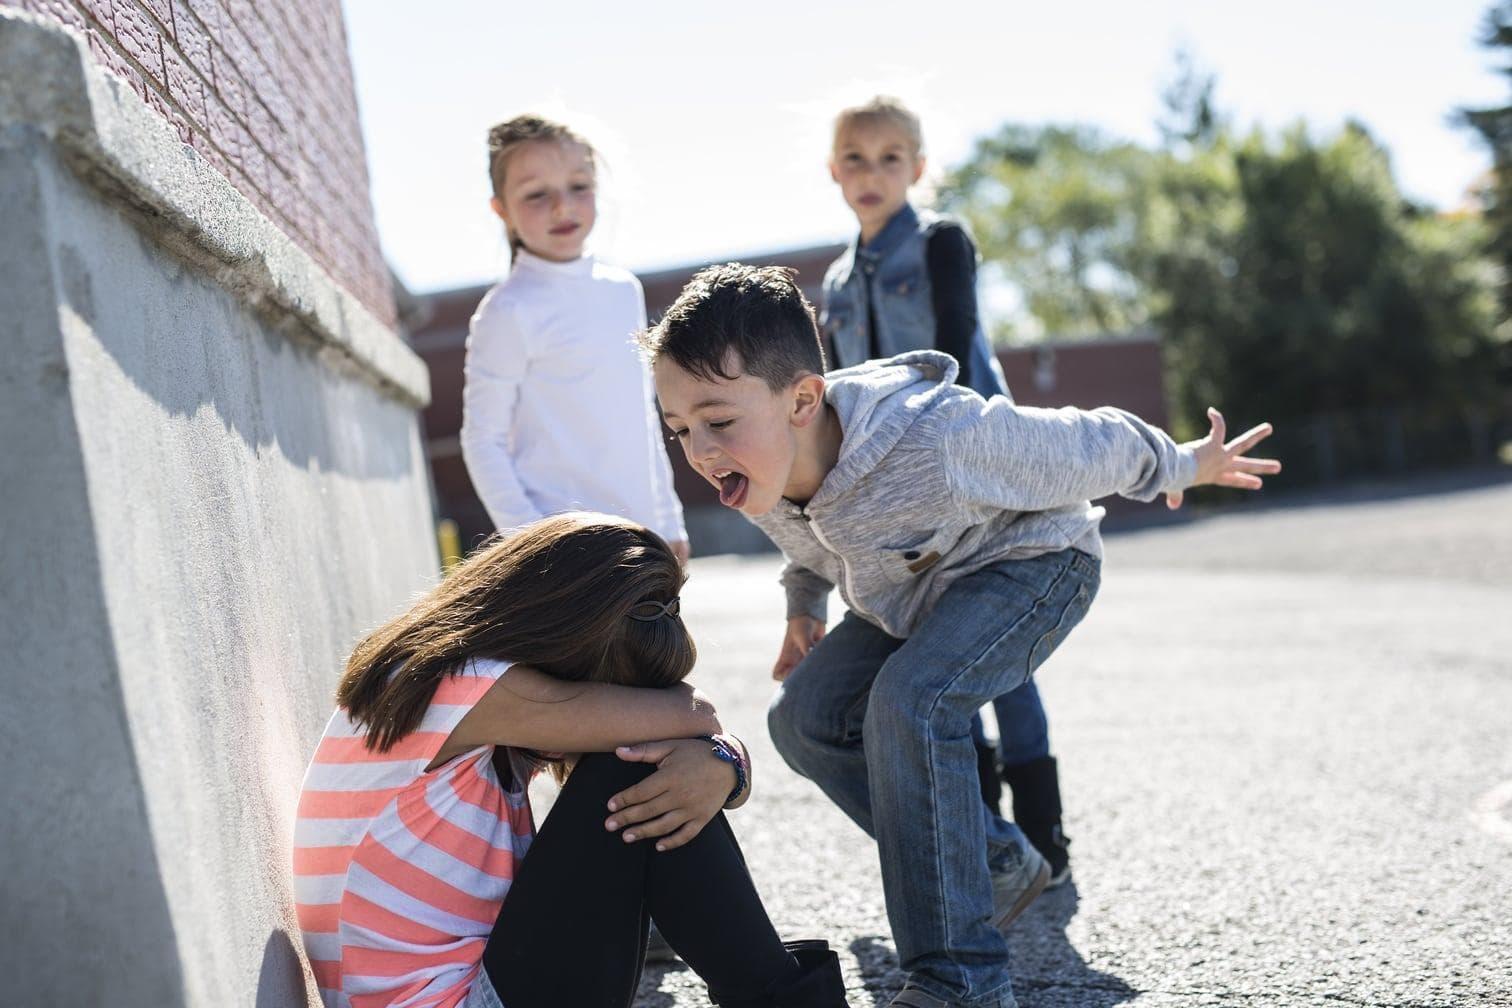 Foto: Lopolo / shutterstock.com